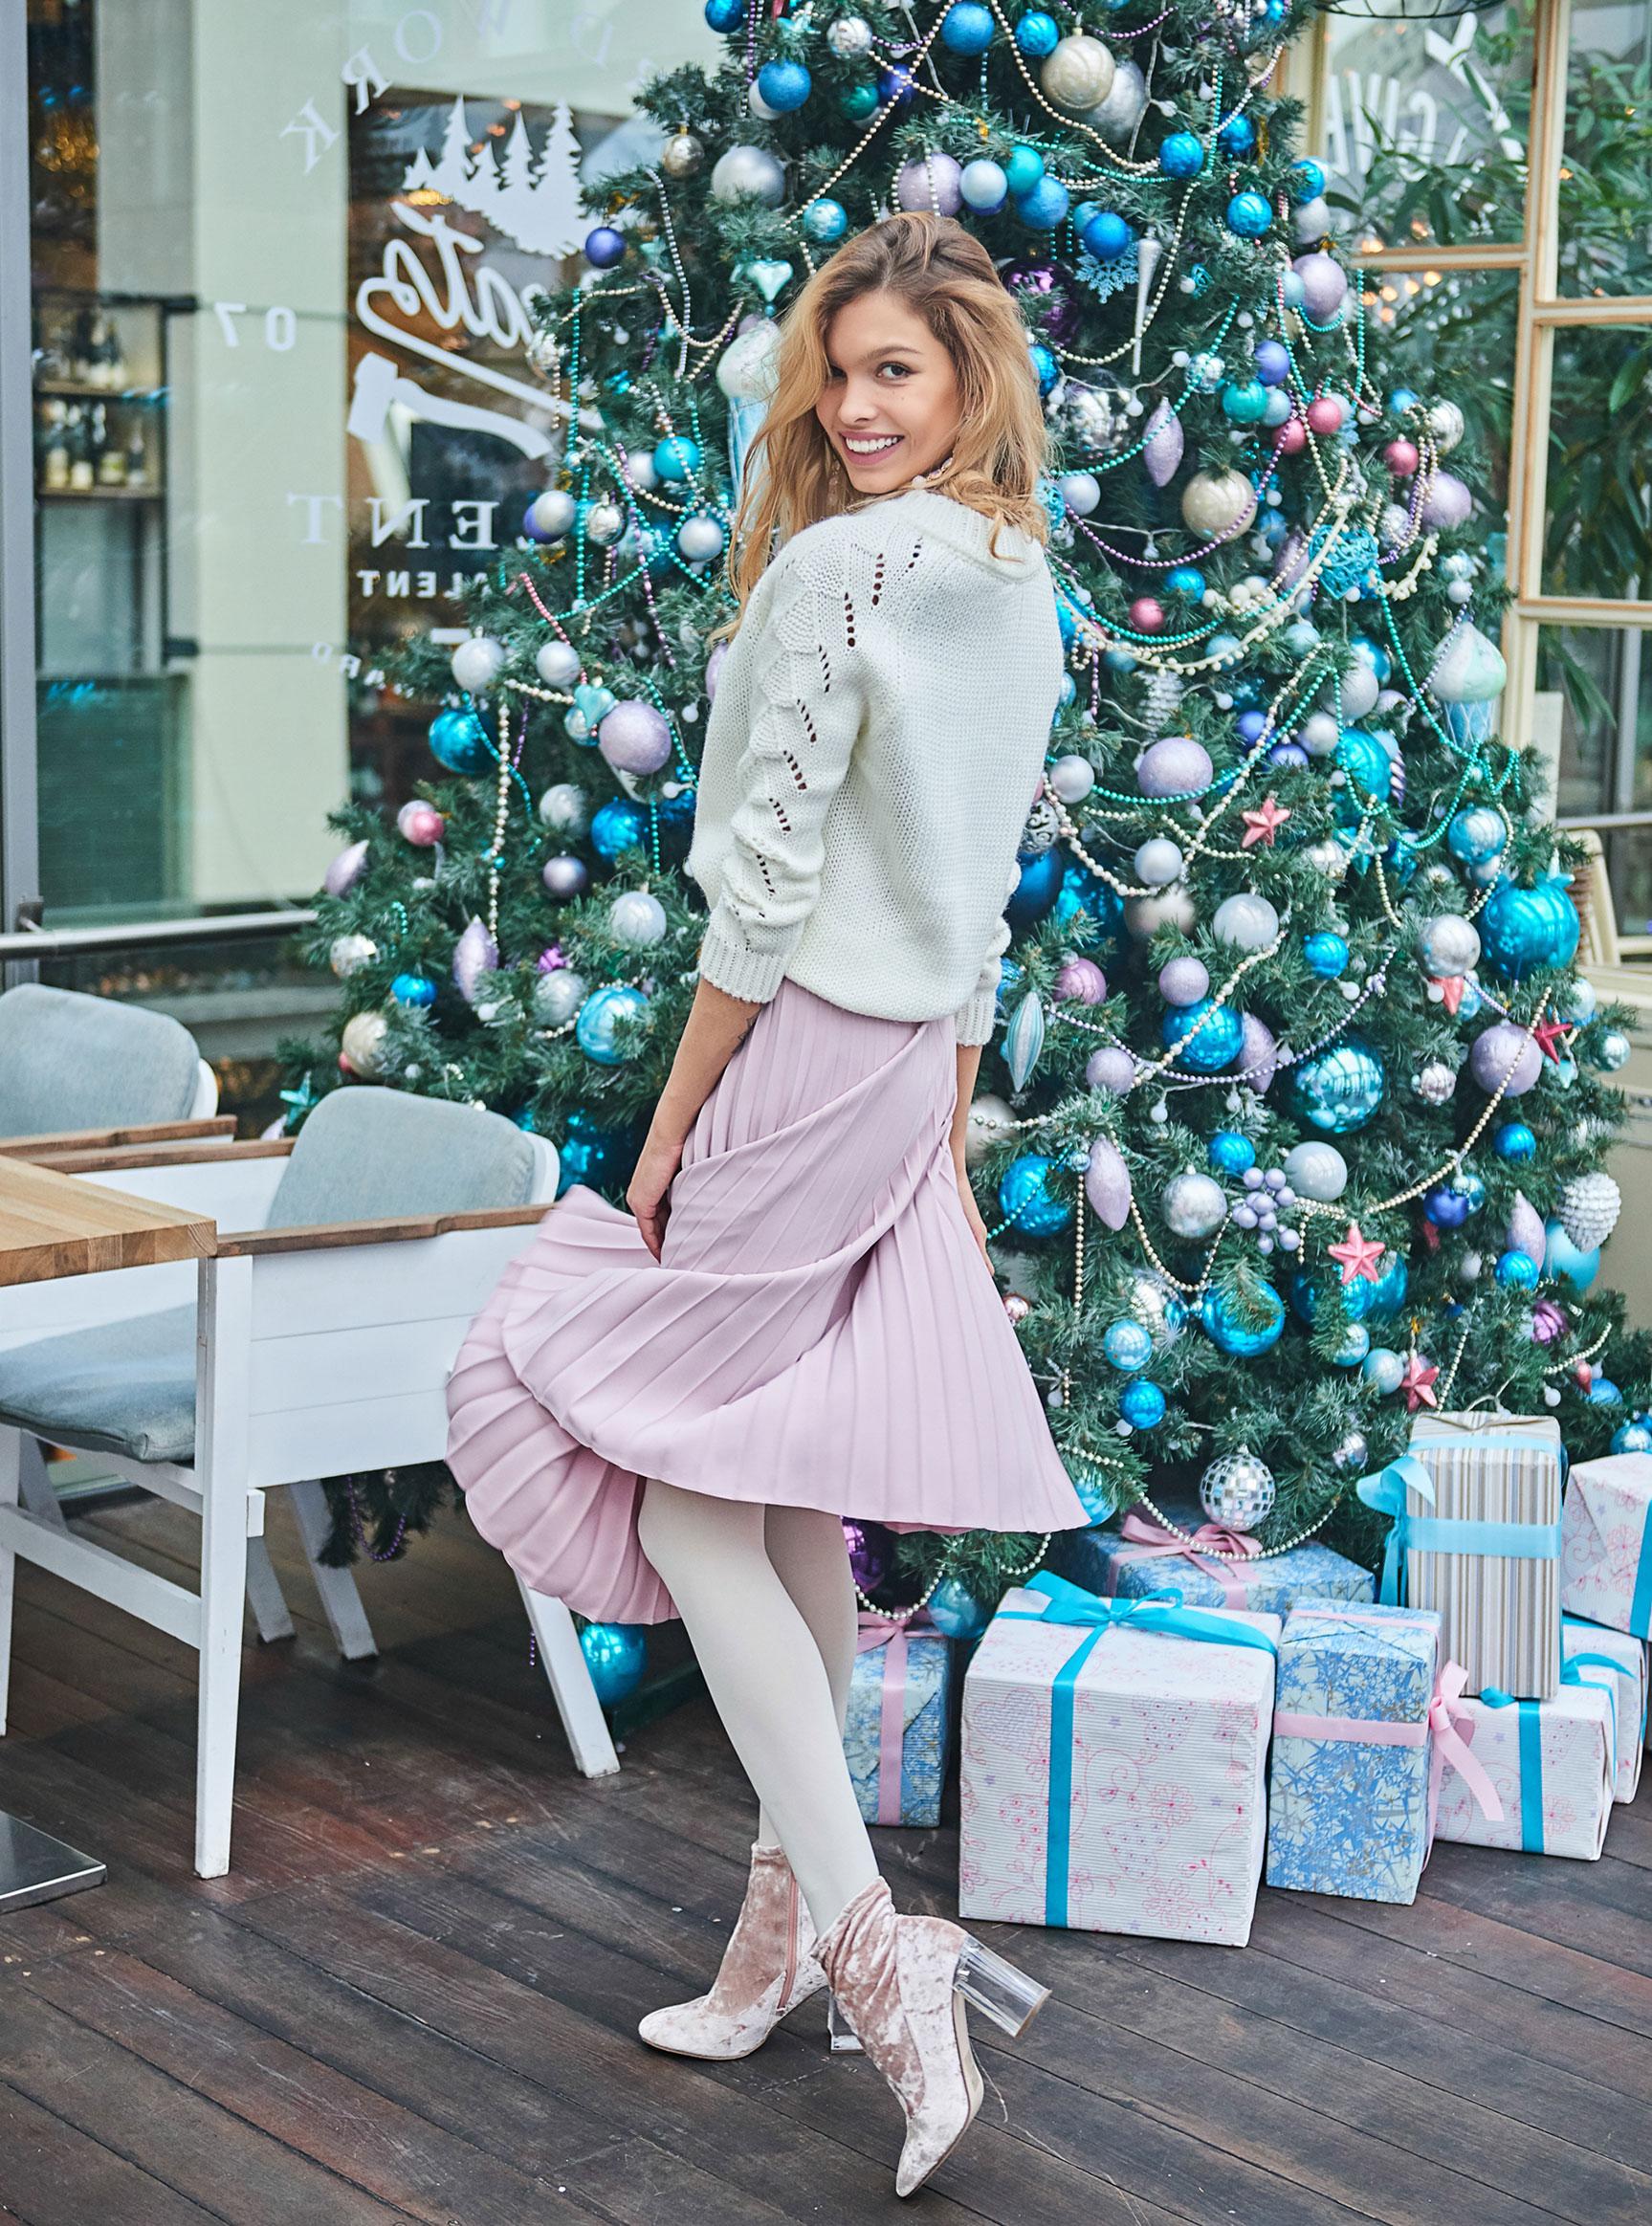 Анна Шорникова демонстрирует новогодние модели женской одежды модного бренда T-Skirt / фото 05